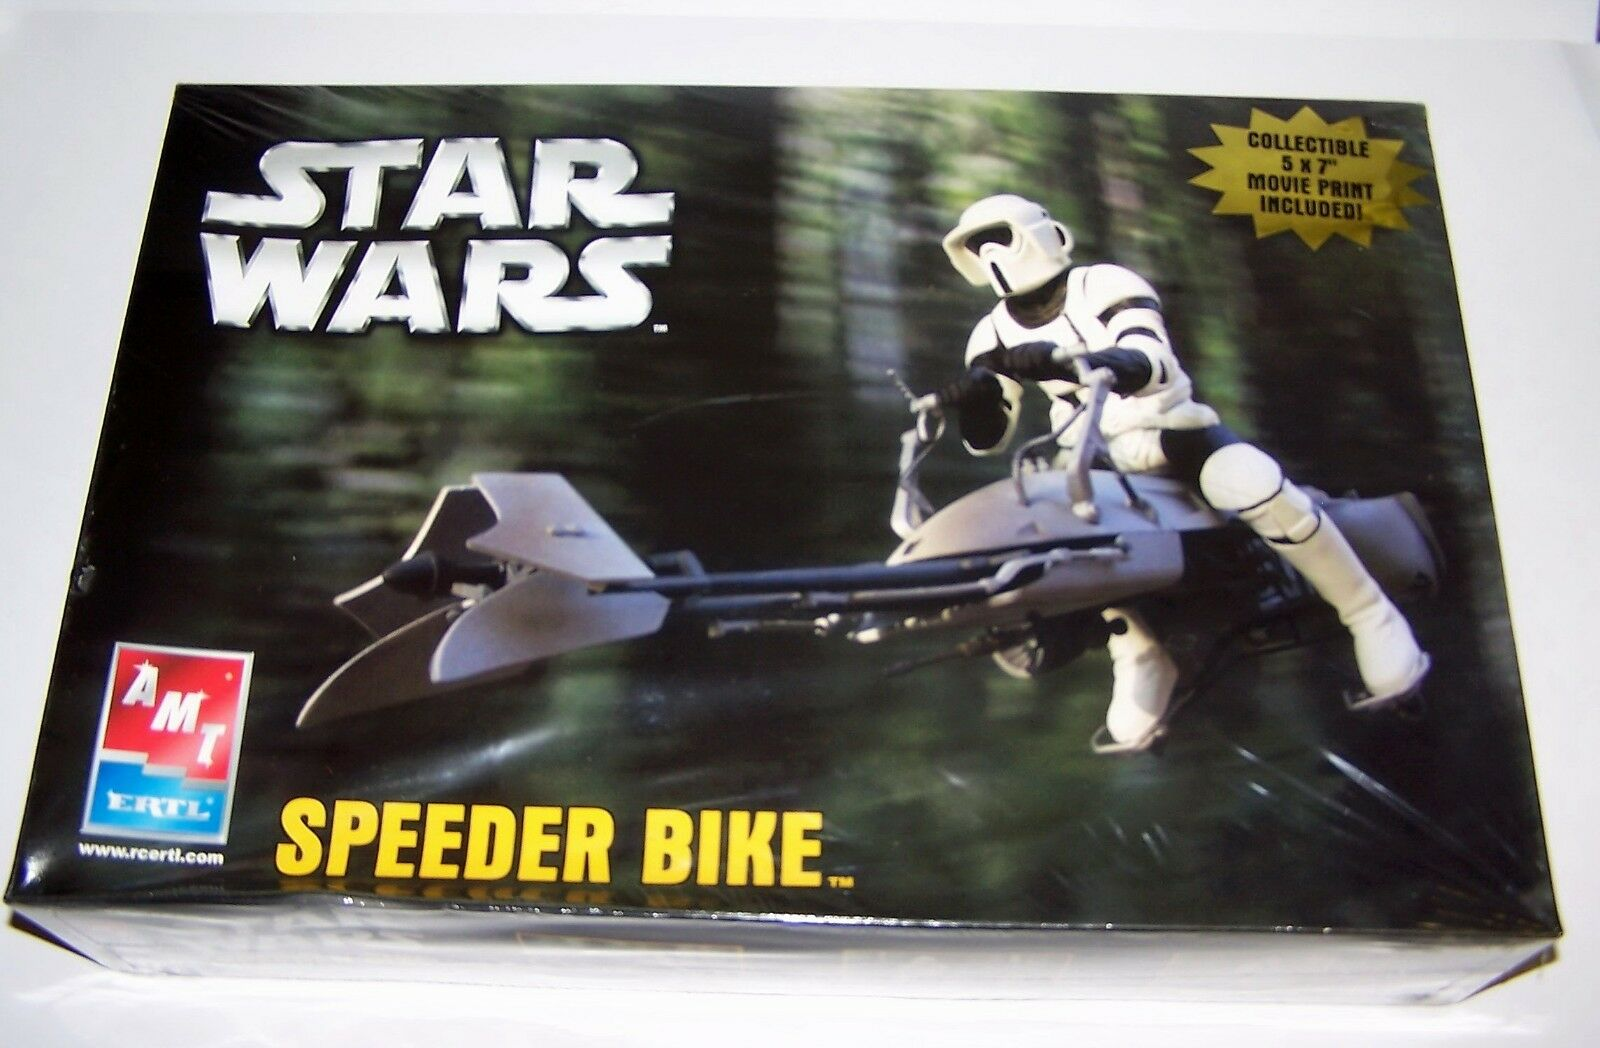 Star - wars - raser bike modell kit 5x7 film drucken für versiegelte 2005 aufgenommen